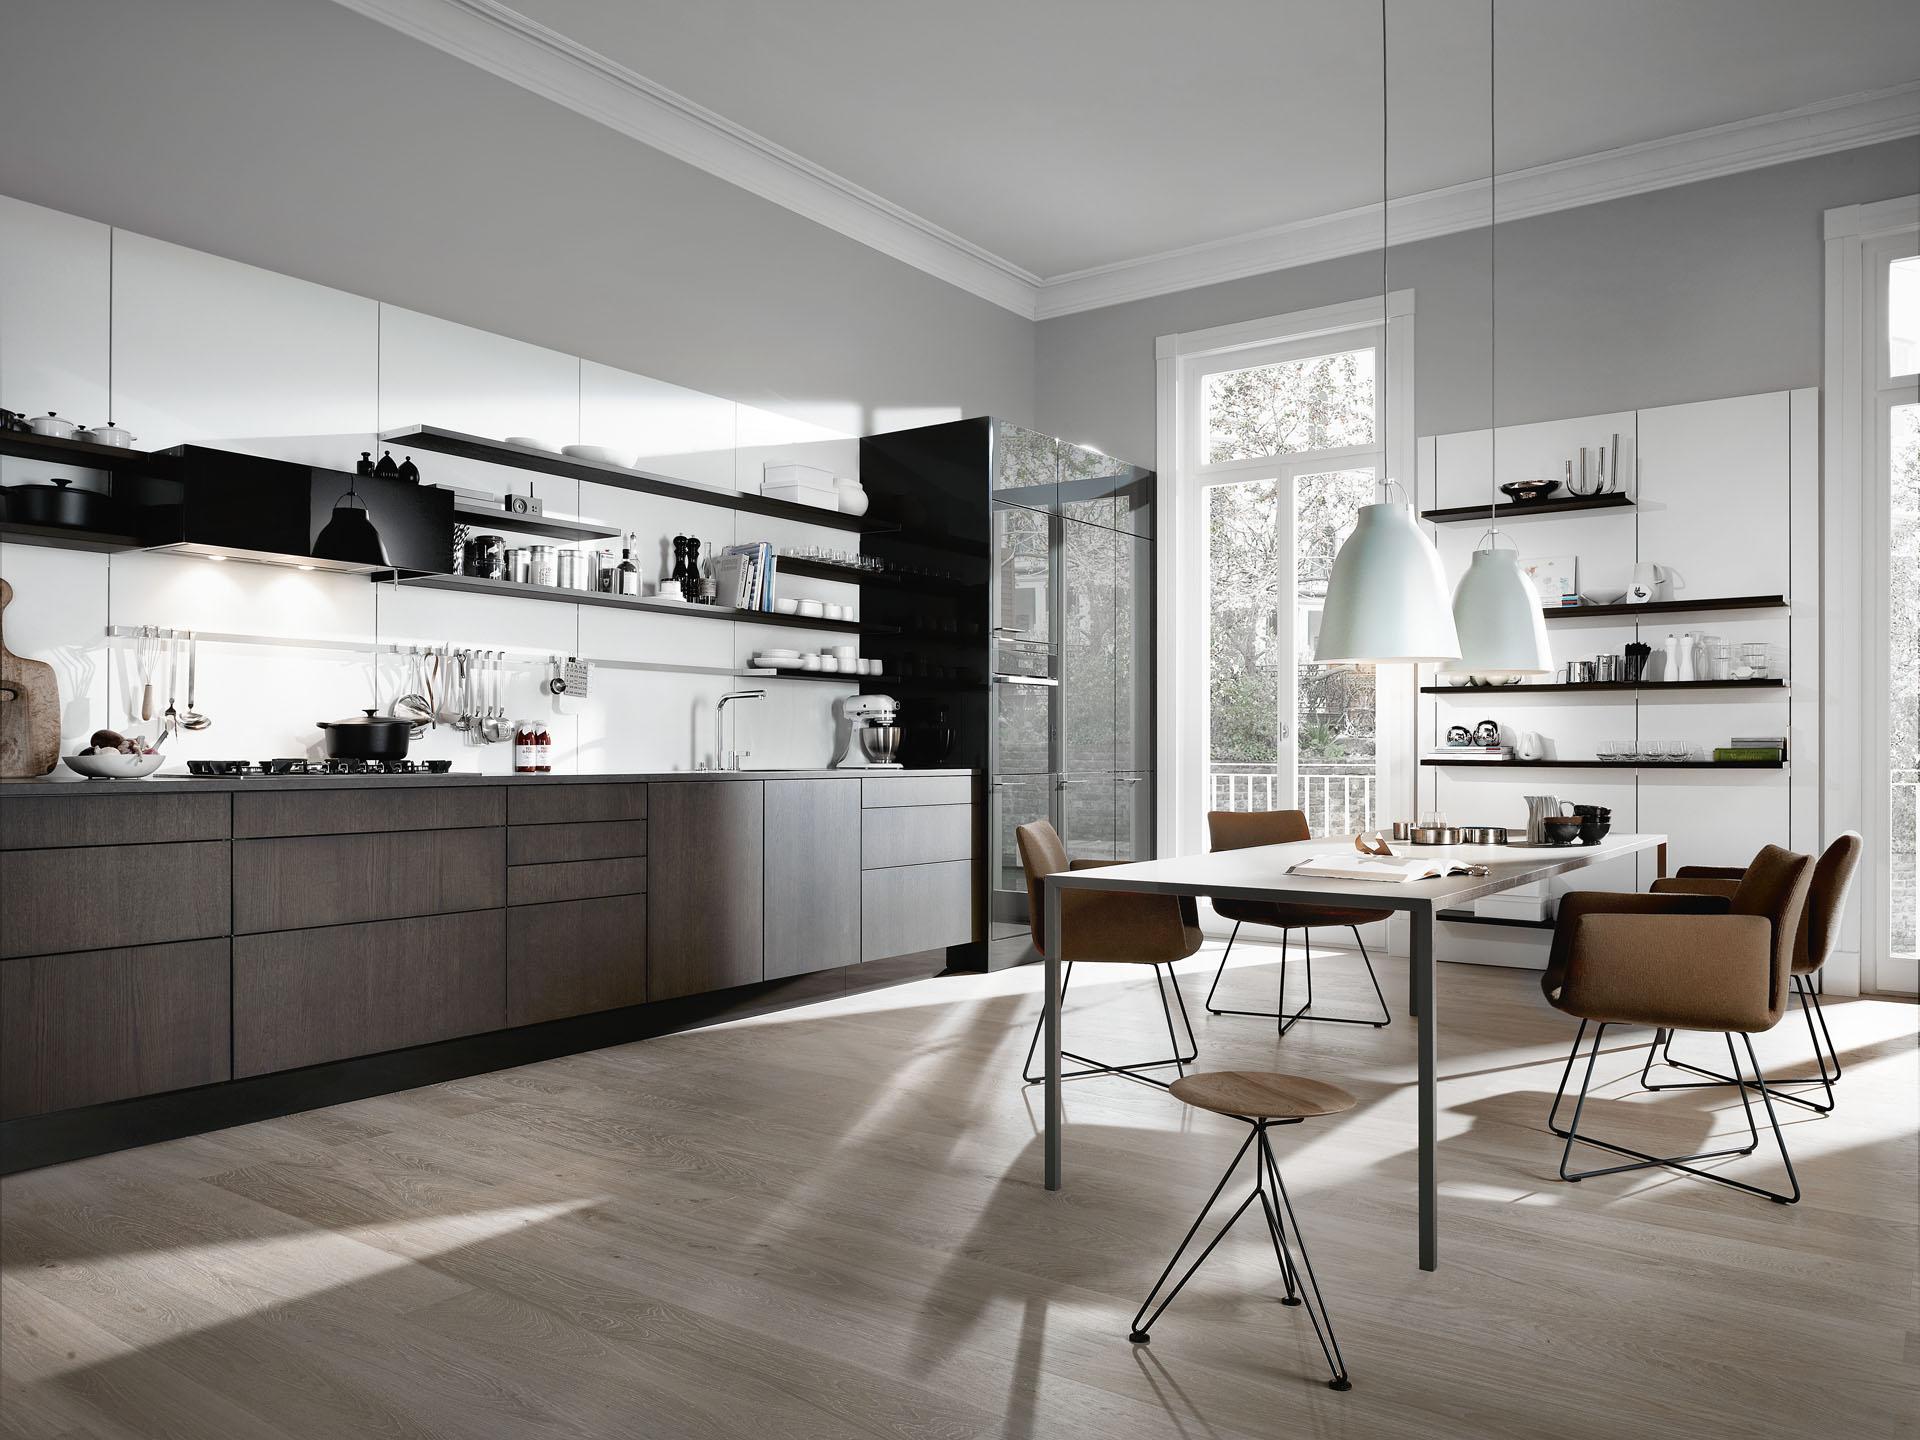 Keukens keuken inbouwapparatuur nederland ons ontwerp keukens